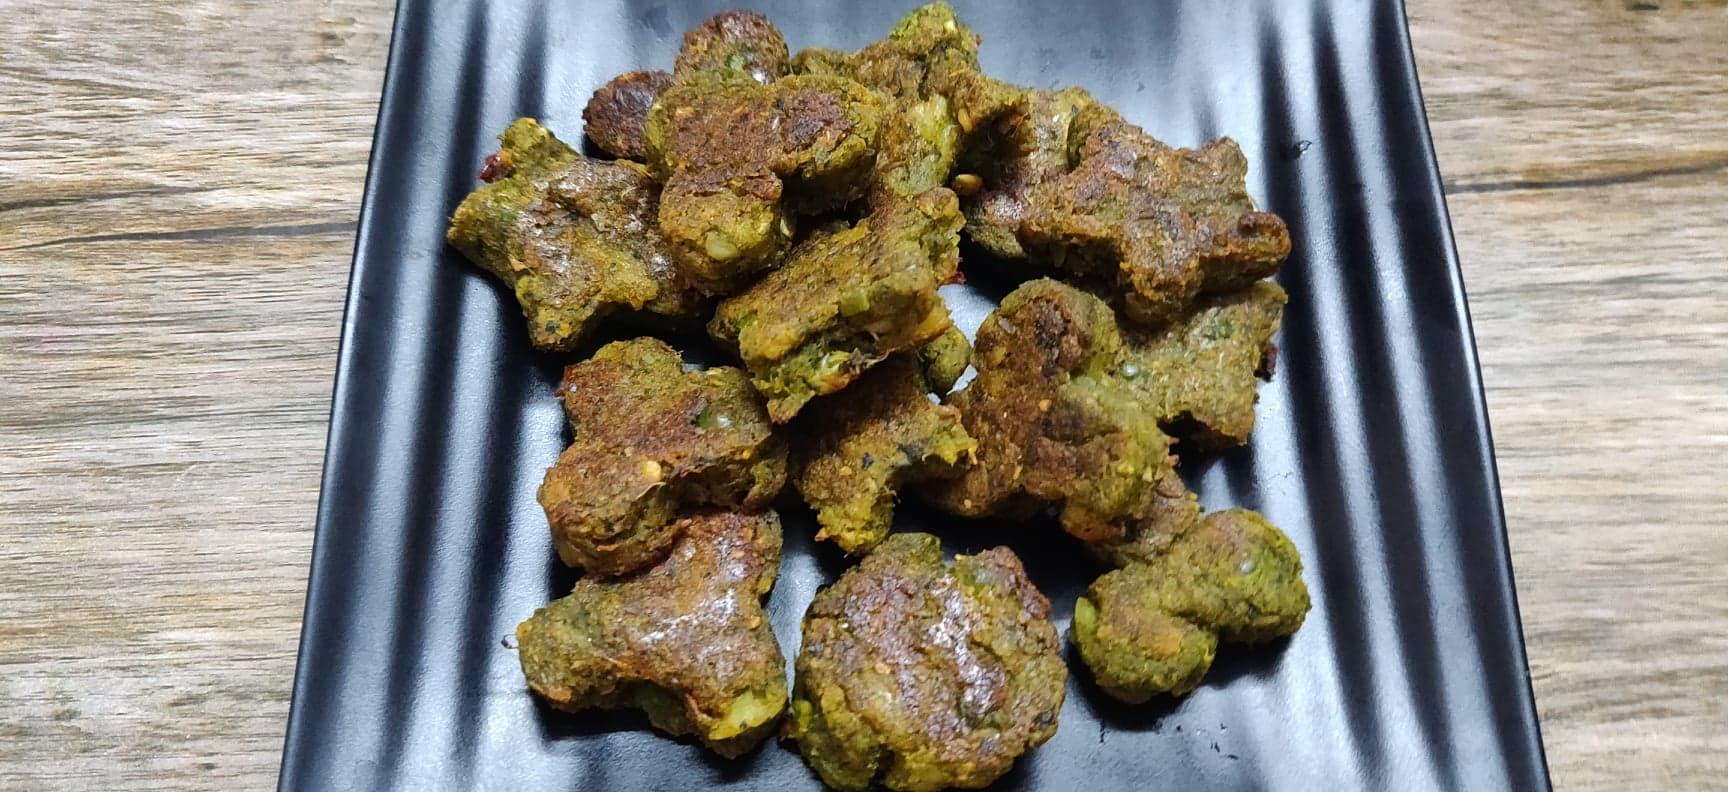 hara_bhara_kebab - 78815172_598356804243417_5631582013531095040_n